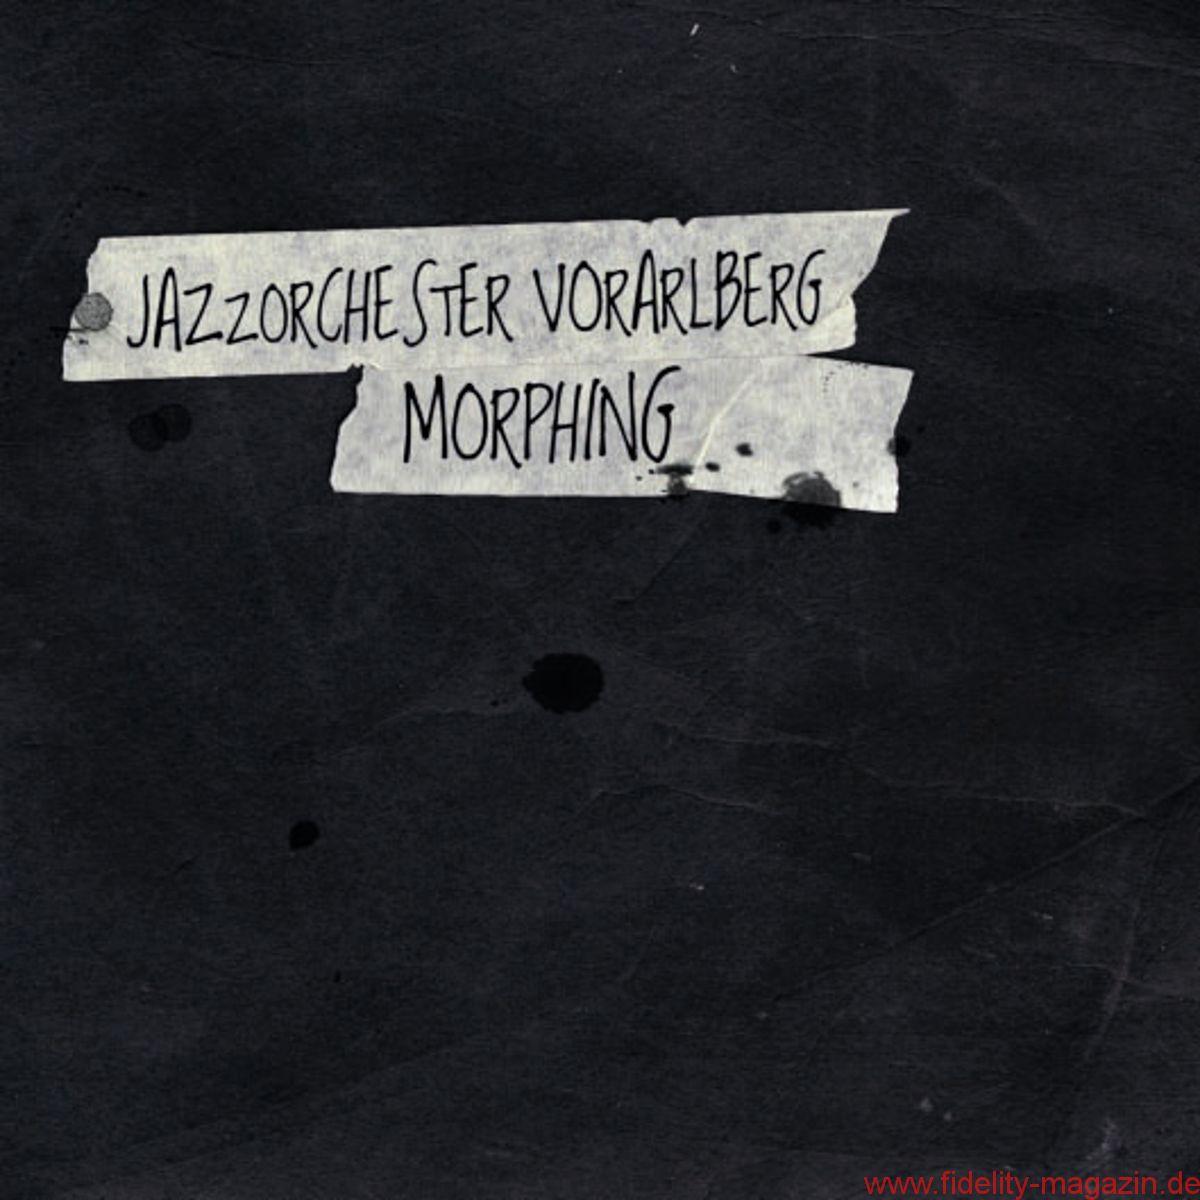 Jazzorchester Vorarlberg